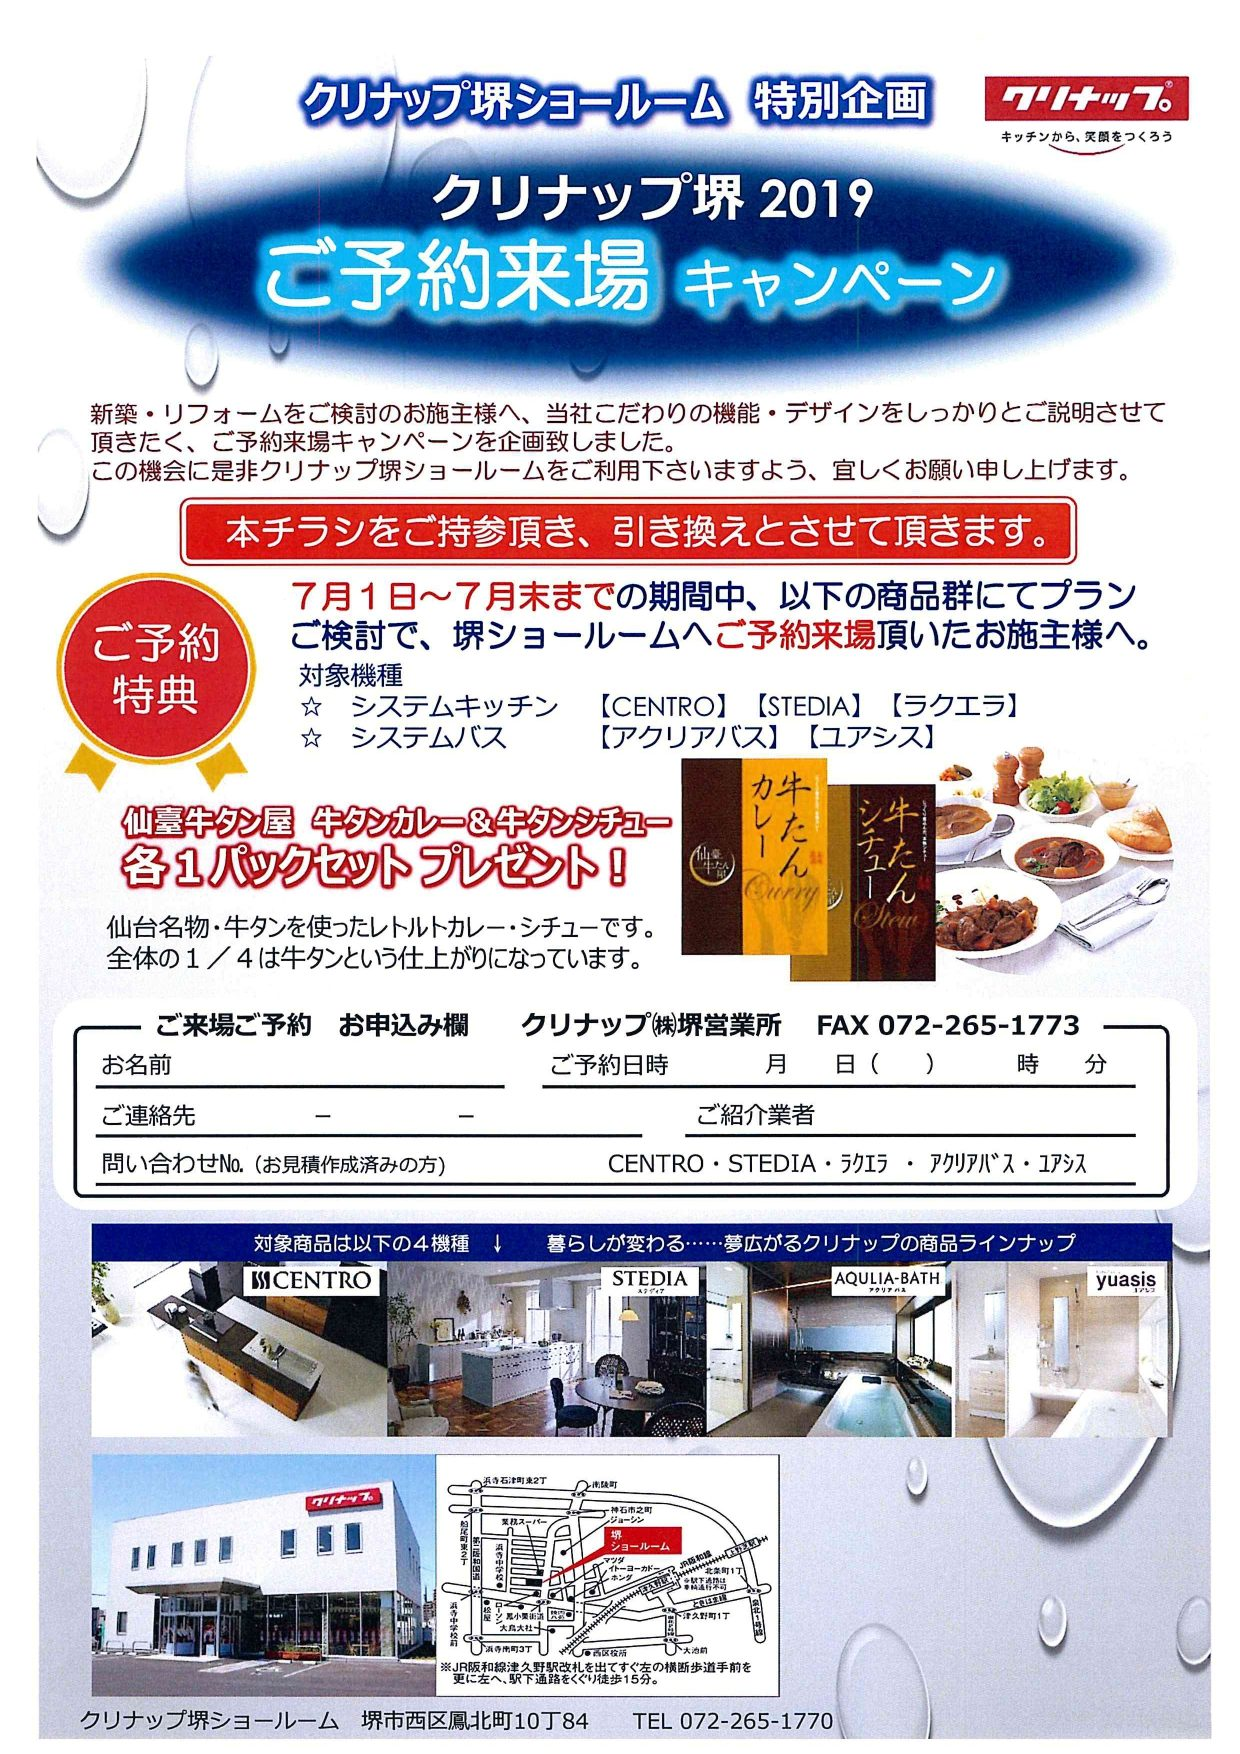 水まわりご予約キャンペーン!!inクリナップ堺ショールーム